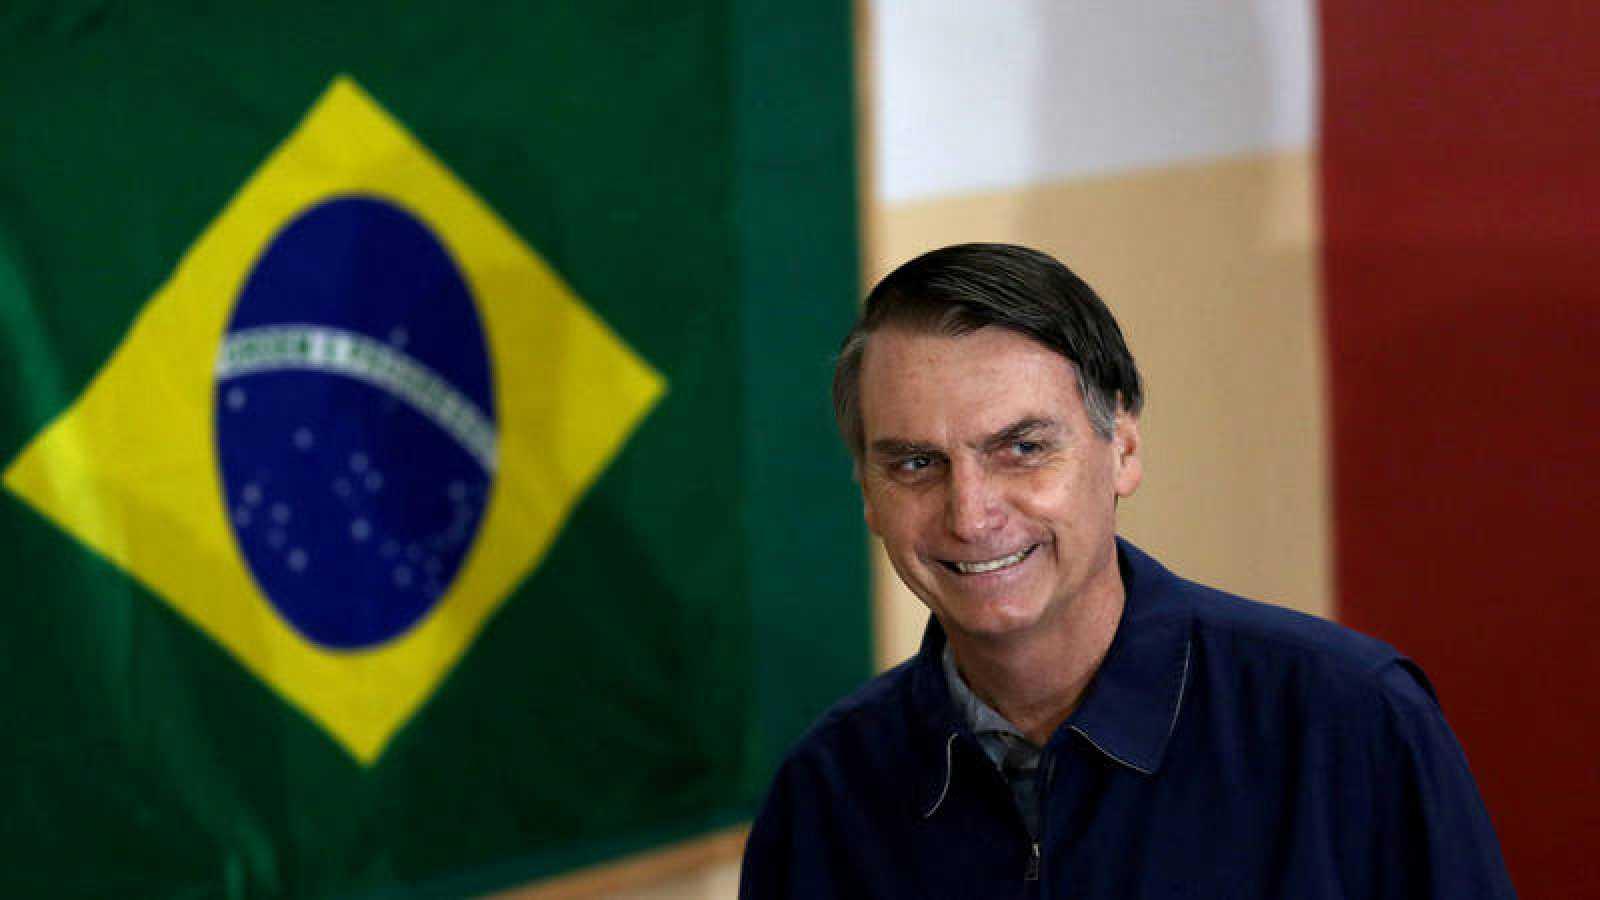 El candidato de extrema derecha, Jair Bolsonaro, pasa delante de una bandera de Brasil.